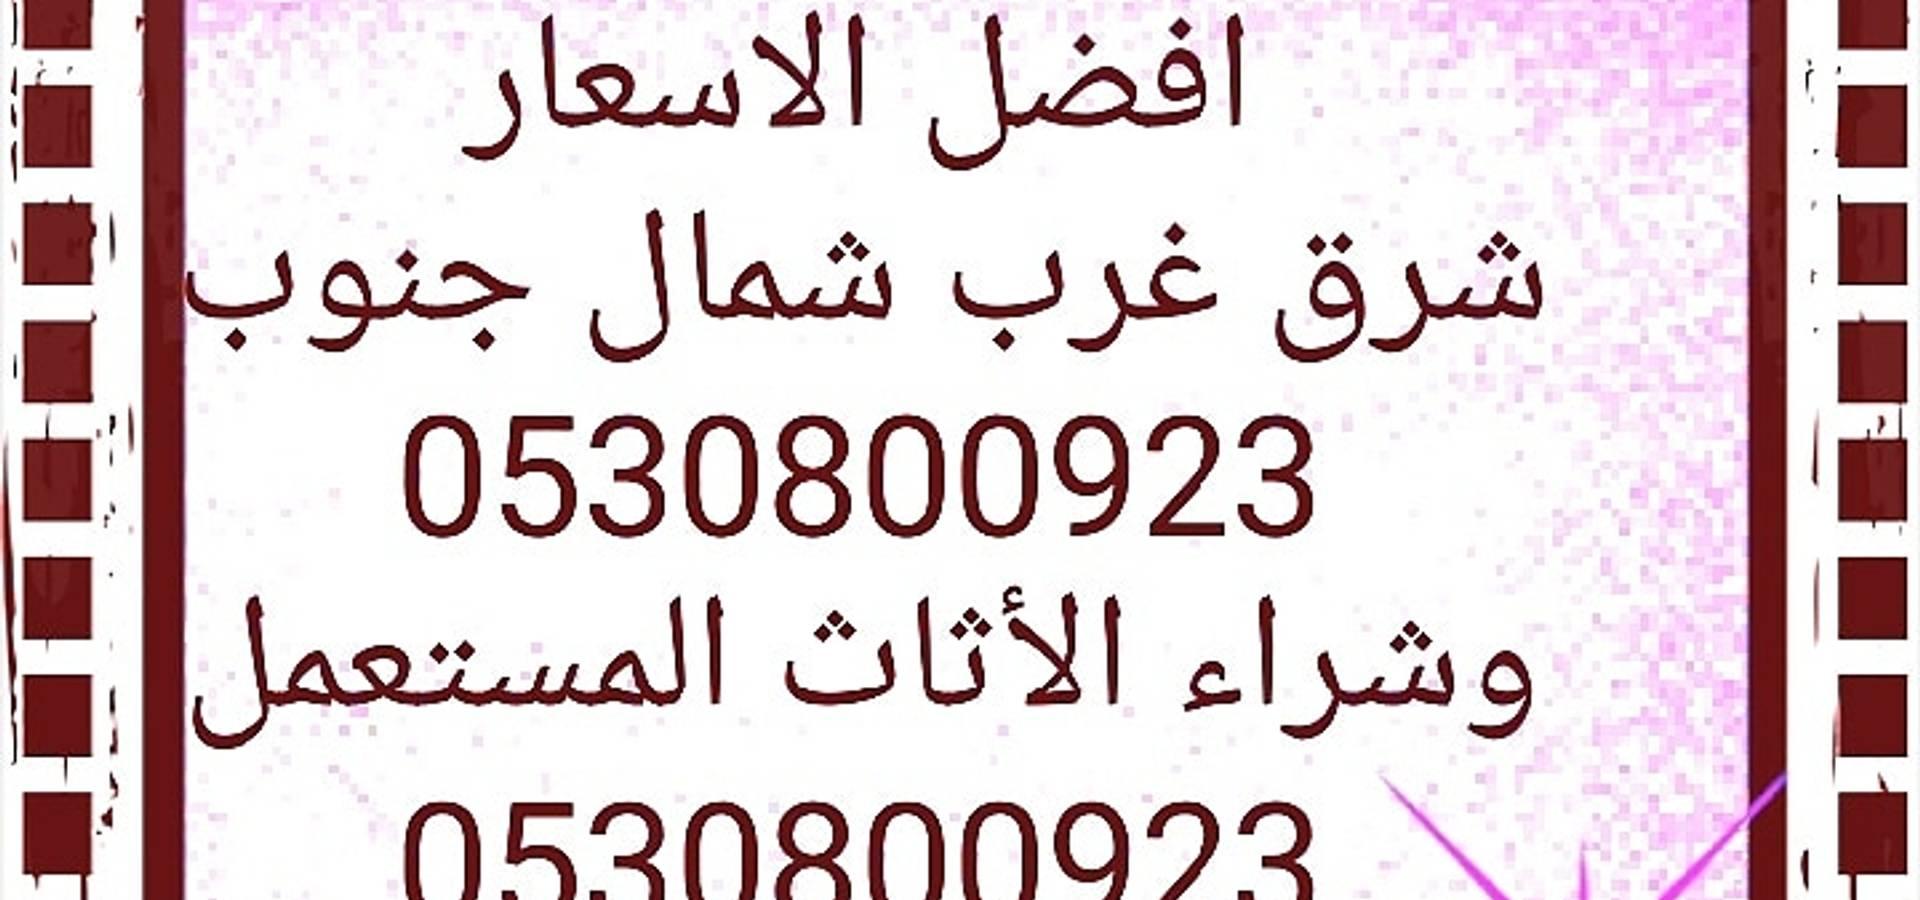 ghroi141